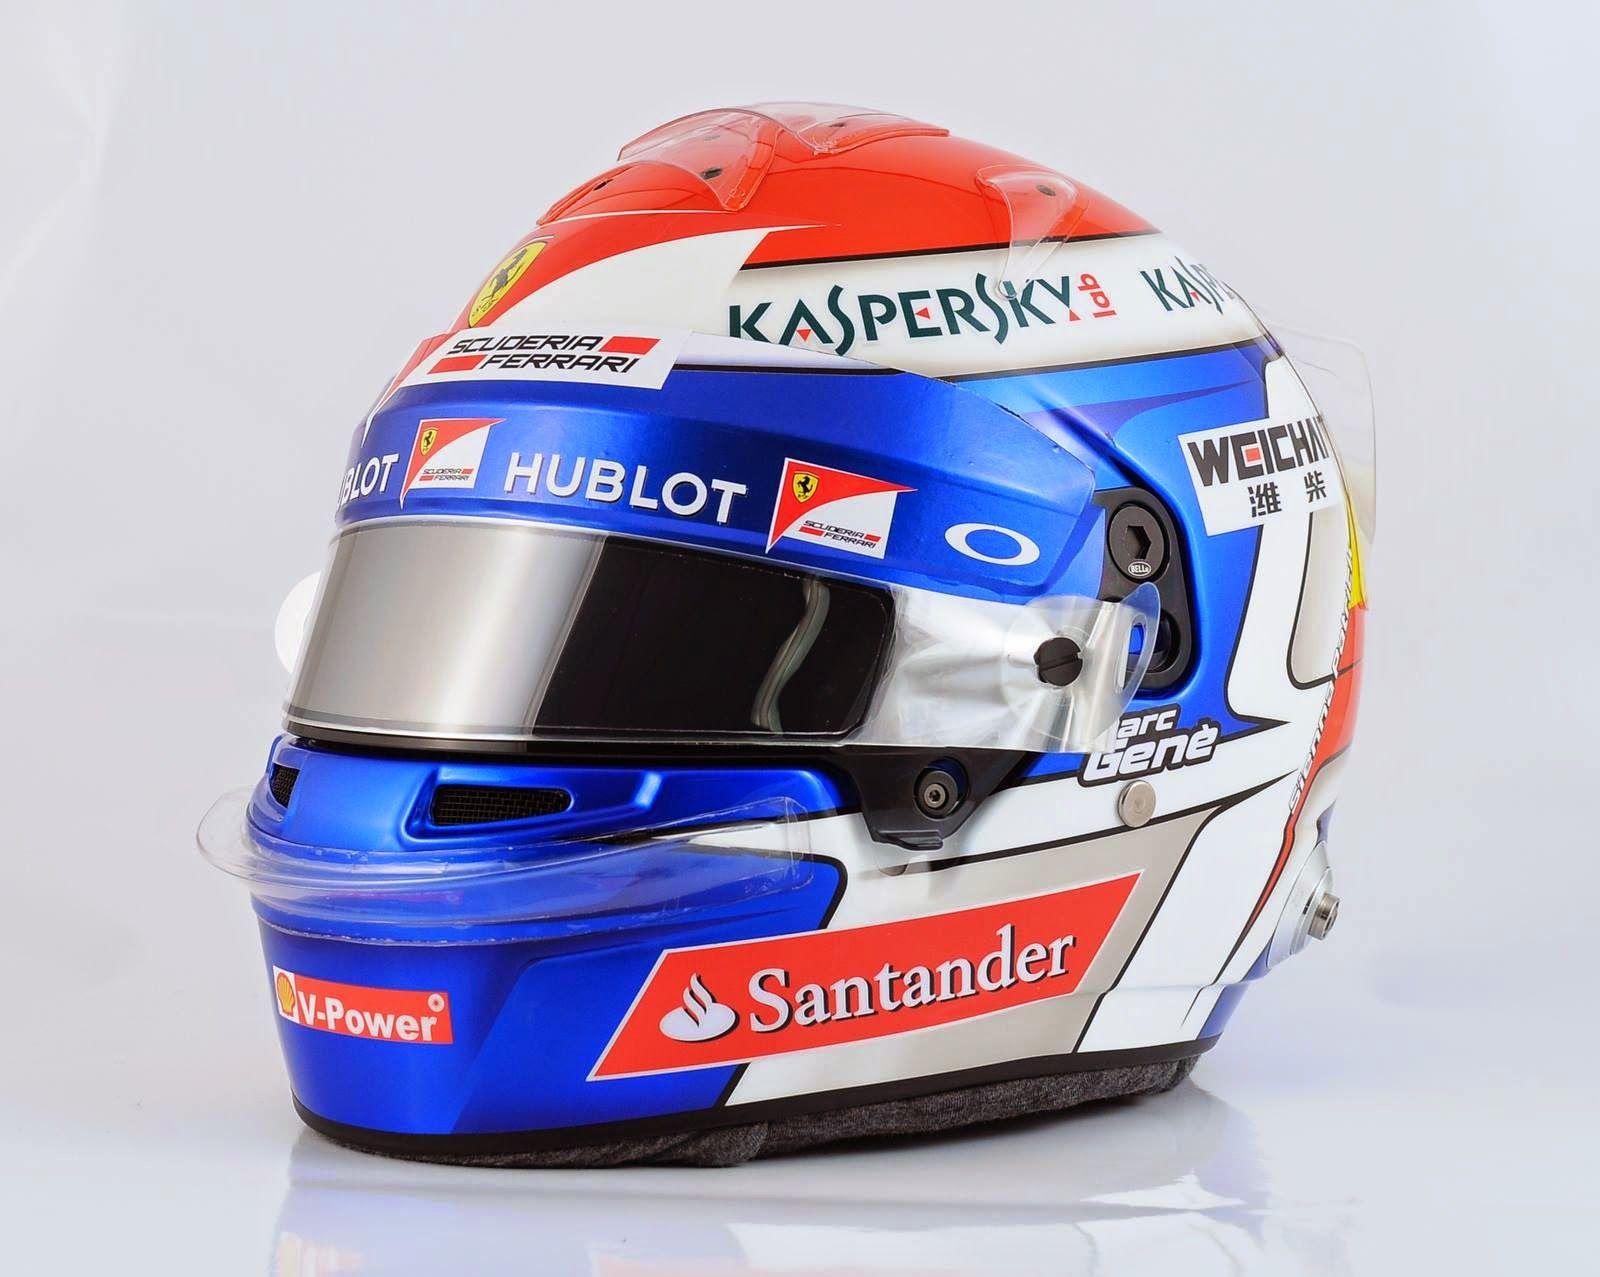 Auto Racing Helmets >> Auto Racing Helmet Designs | www.pixshark.com - Images Galleries With A Bite!